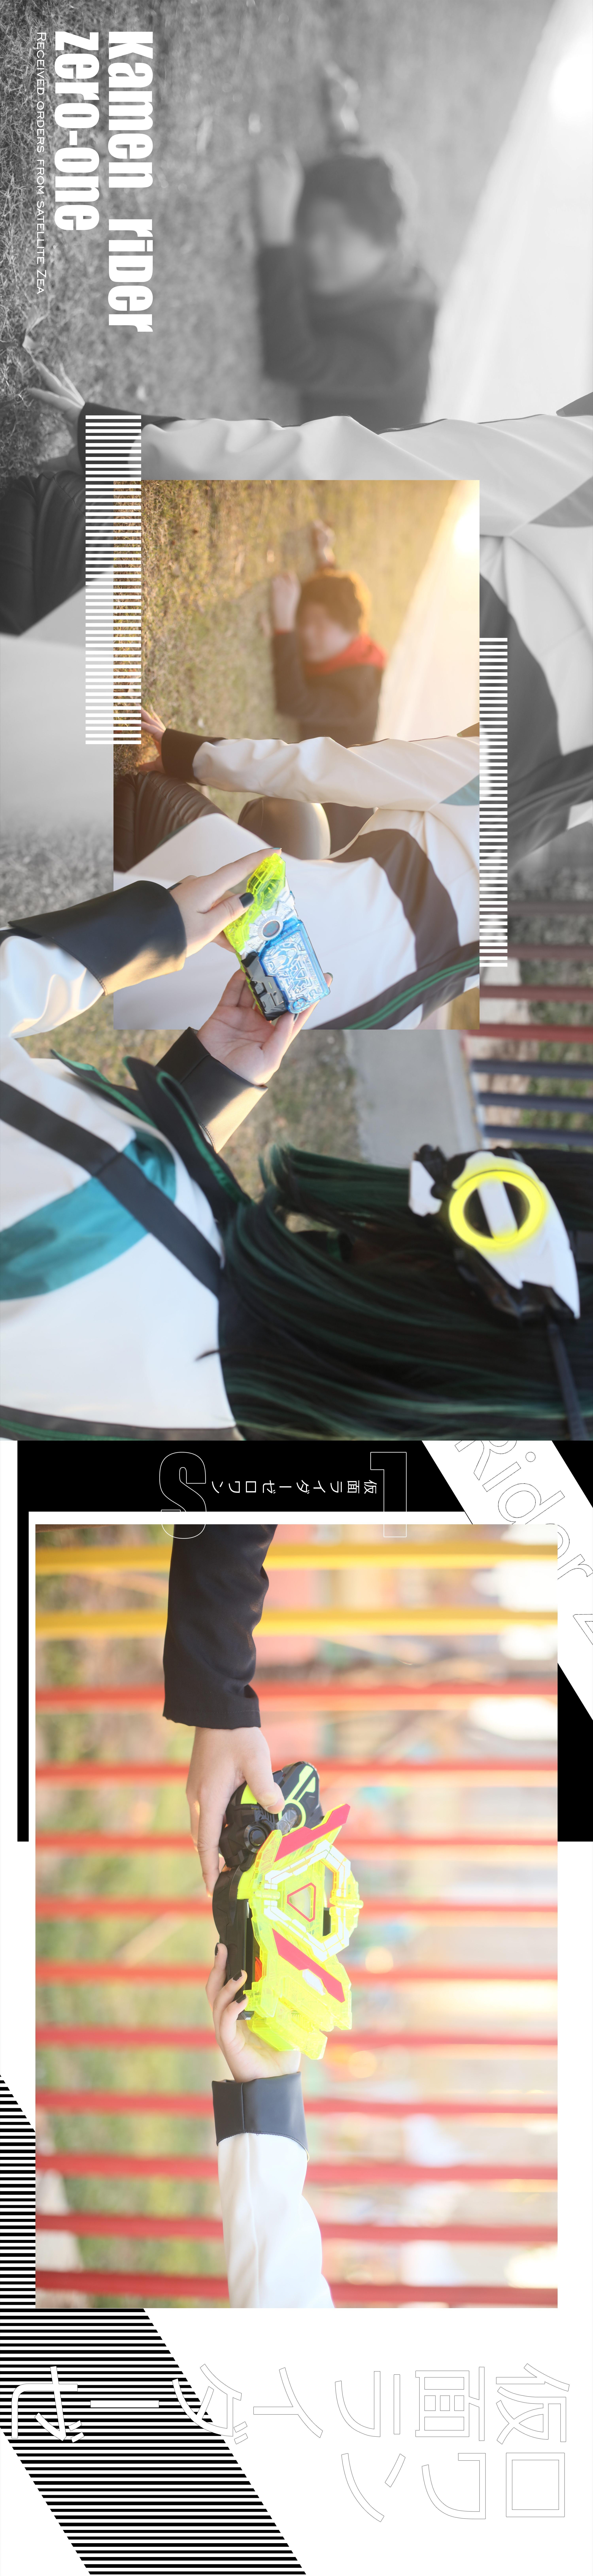 《假面骑士》正片cosplay【CN:猫蒂er】-第5张